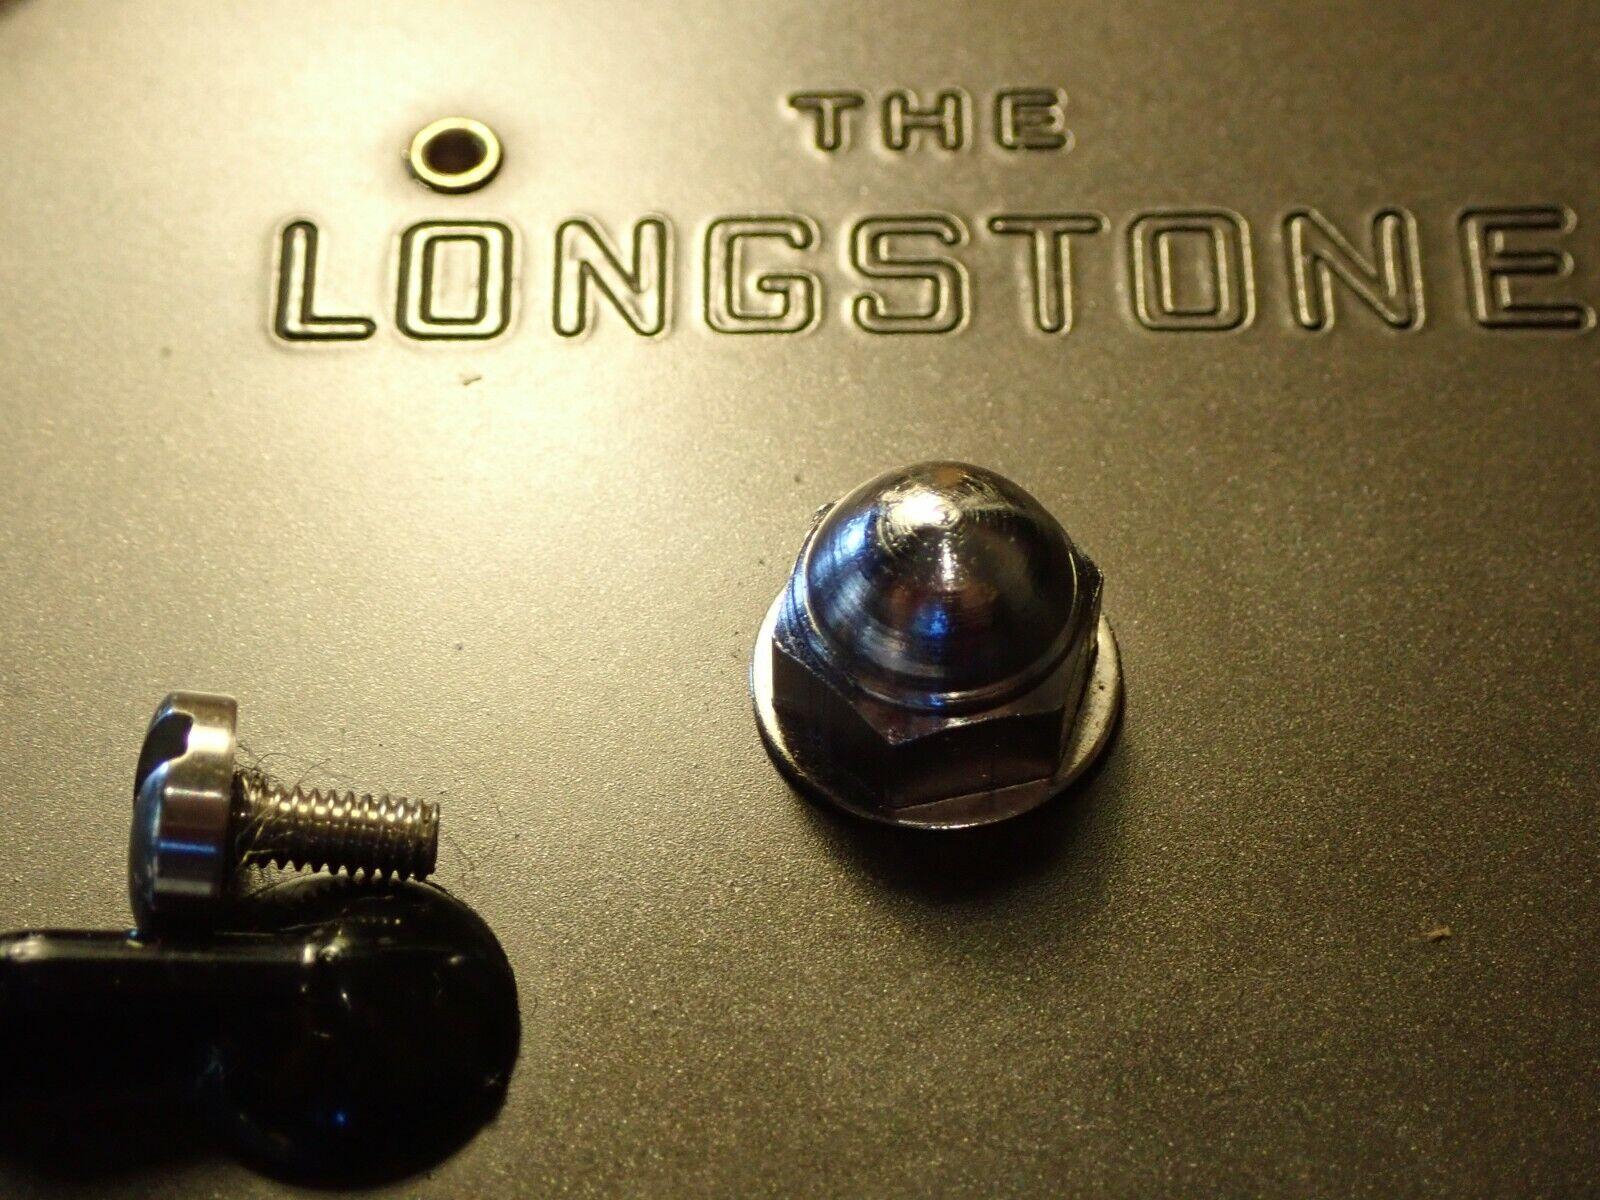 RARE! HARDY LONGSTONE RETAINING SCREW